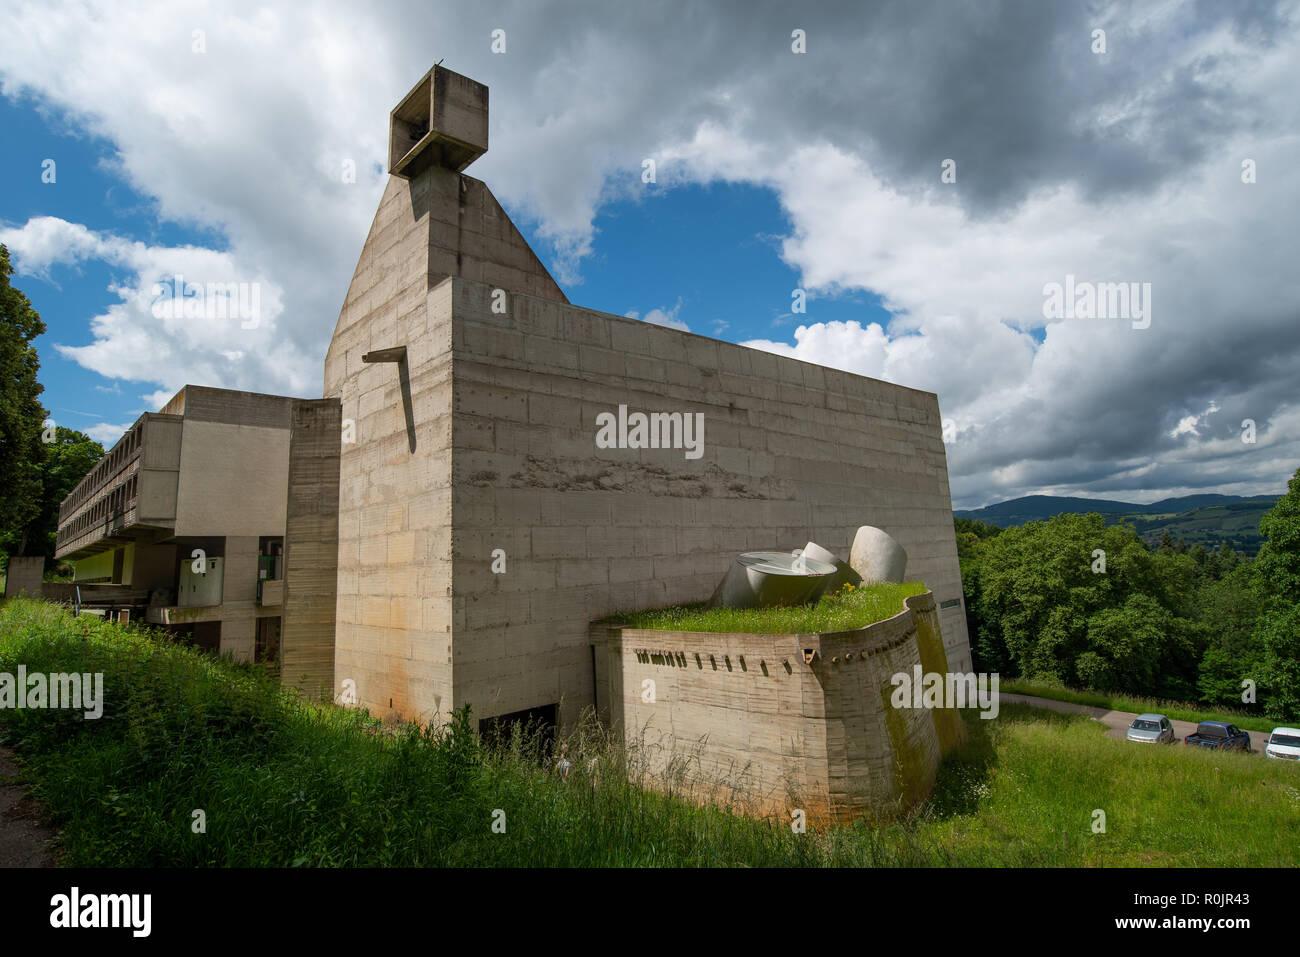 La Tourette, Eveaux ou Sainte Marie de La Tourette: un bâtiment conçu par le célèbre architecte français Le Corbusier situé près de Lyon. Banque D'Images